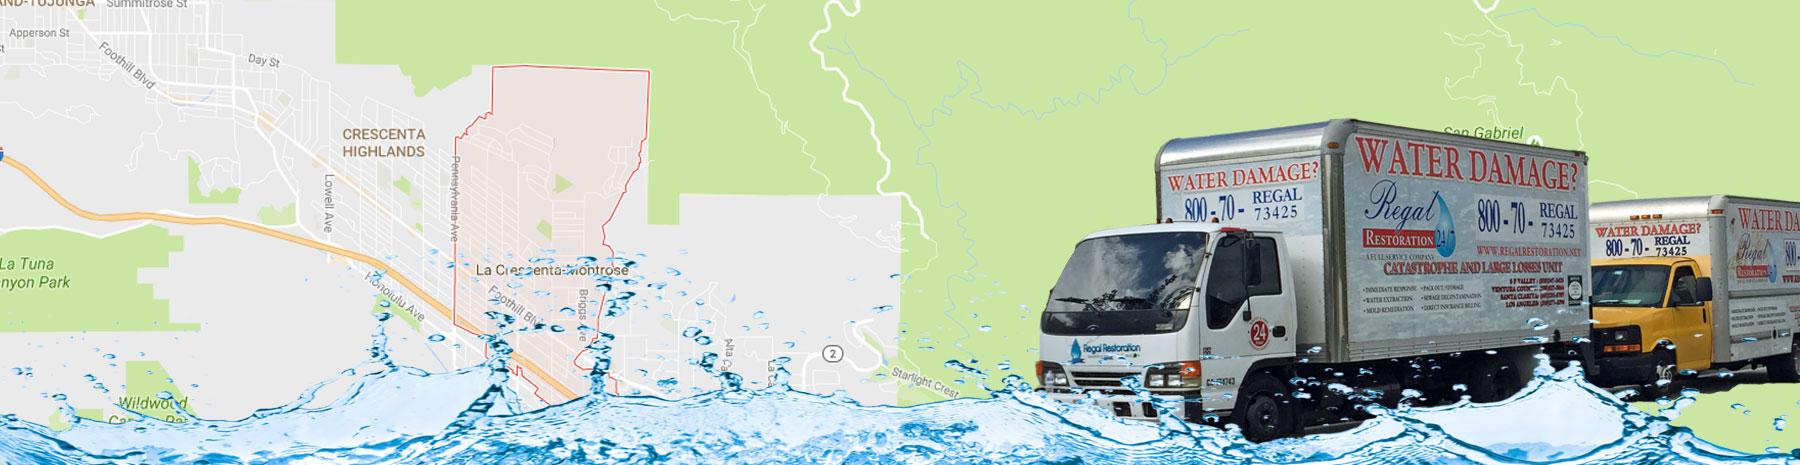 La Crencenta, California Water Damage Services